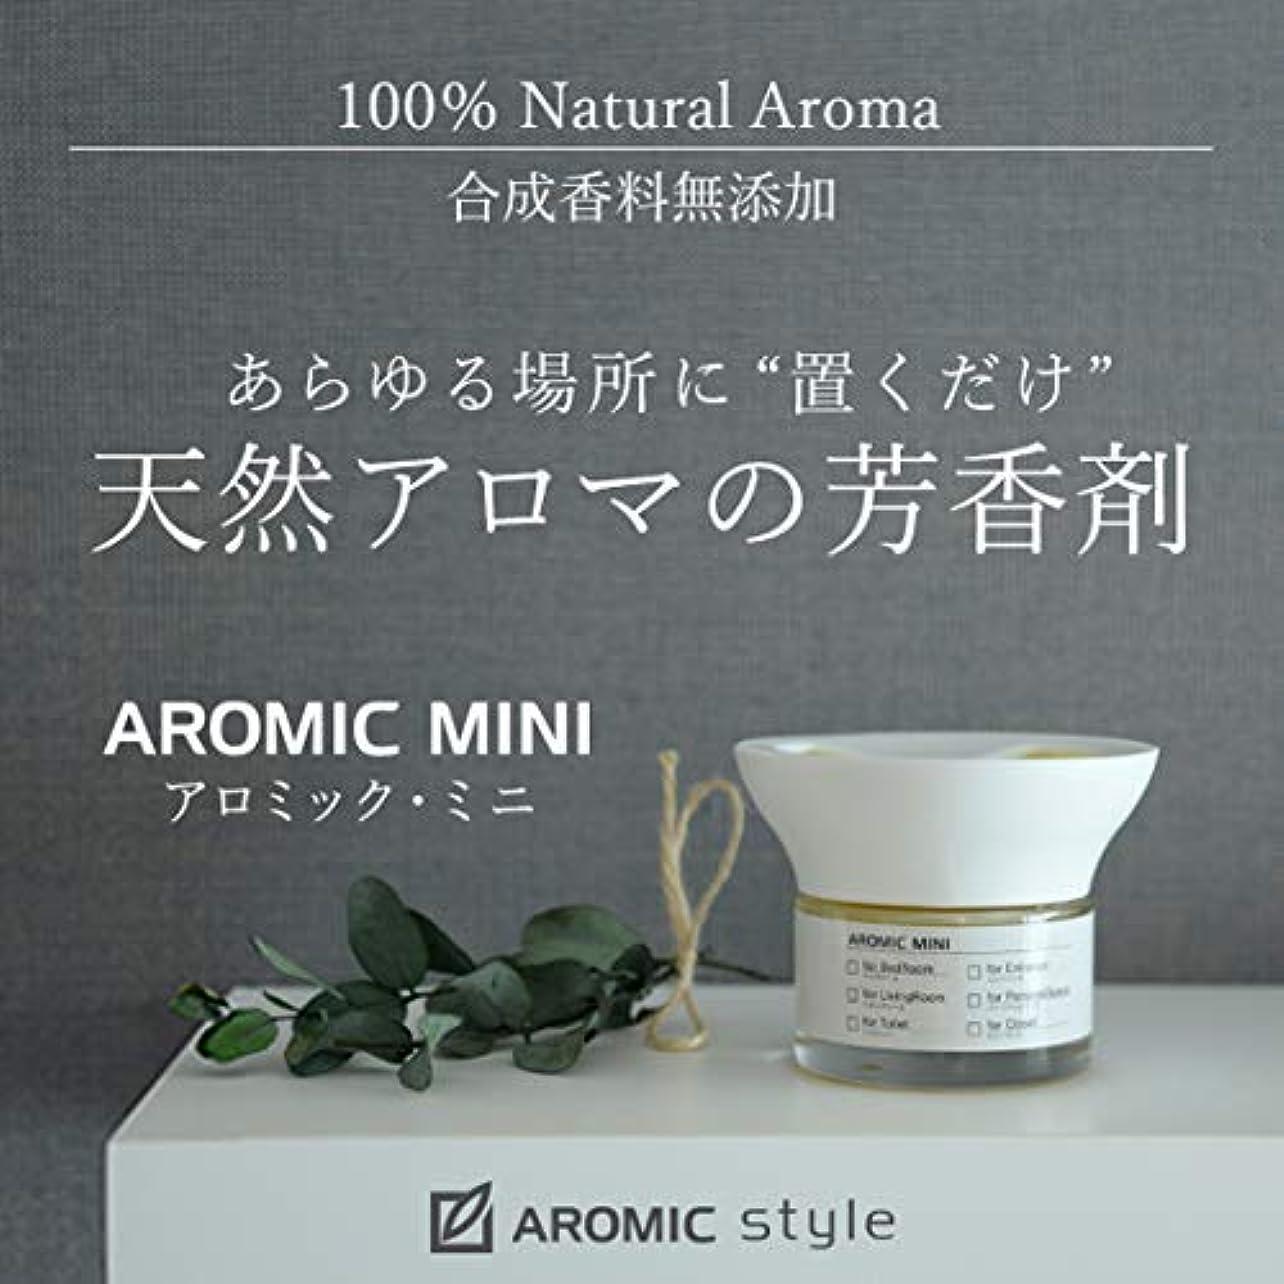 怒りジュニアスムーズにAROMIC style アロマディフューザー アロミックミニ【for LivingRoom】